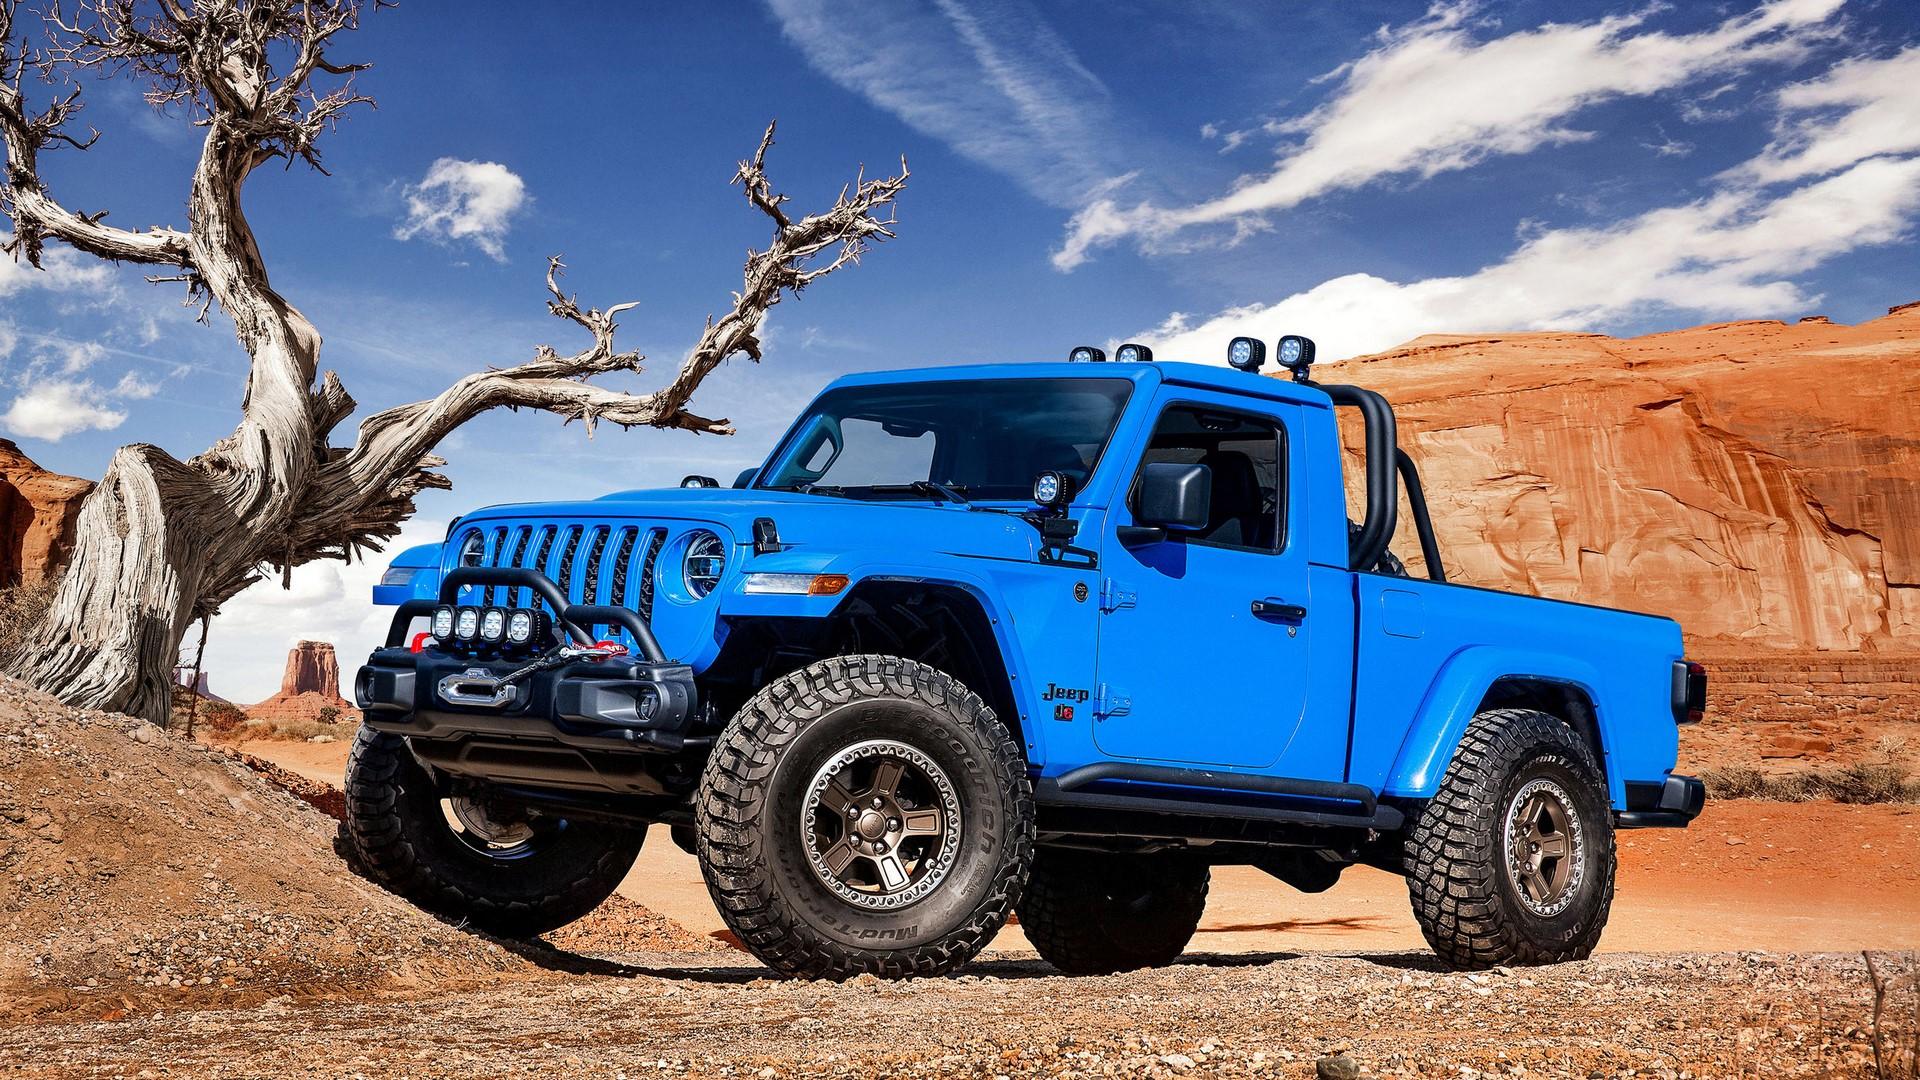 jeep-j6-concept-1